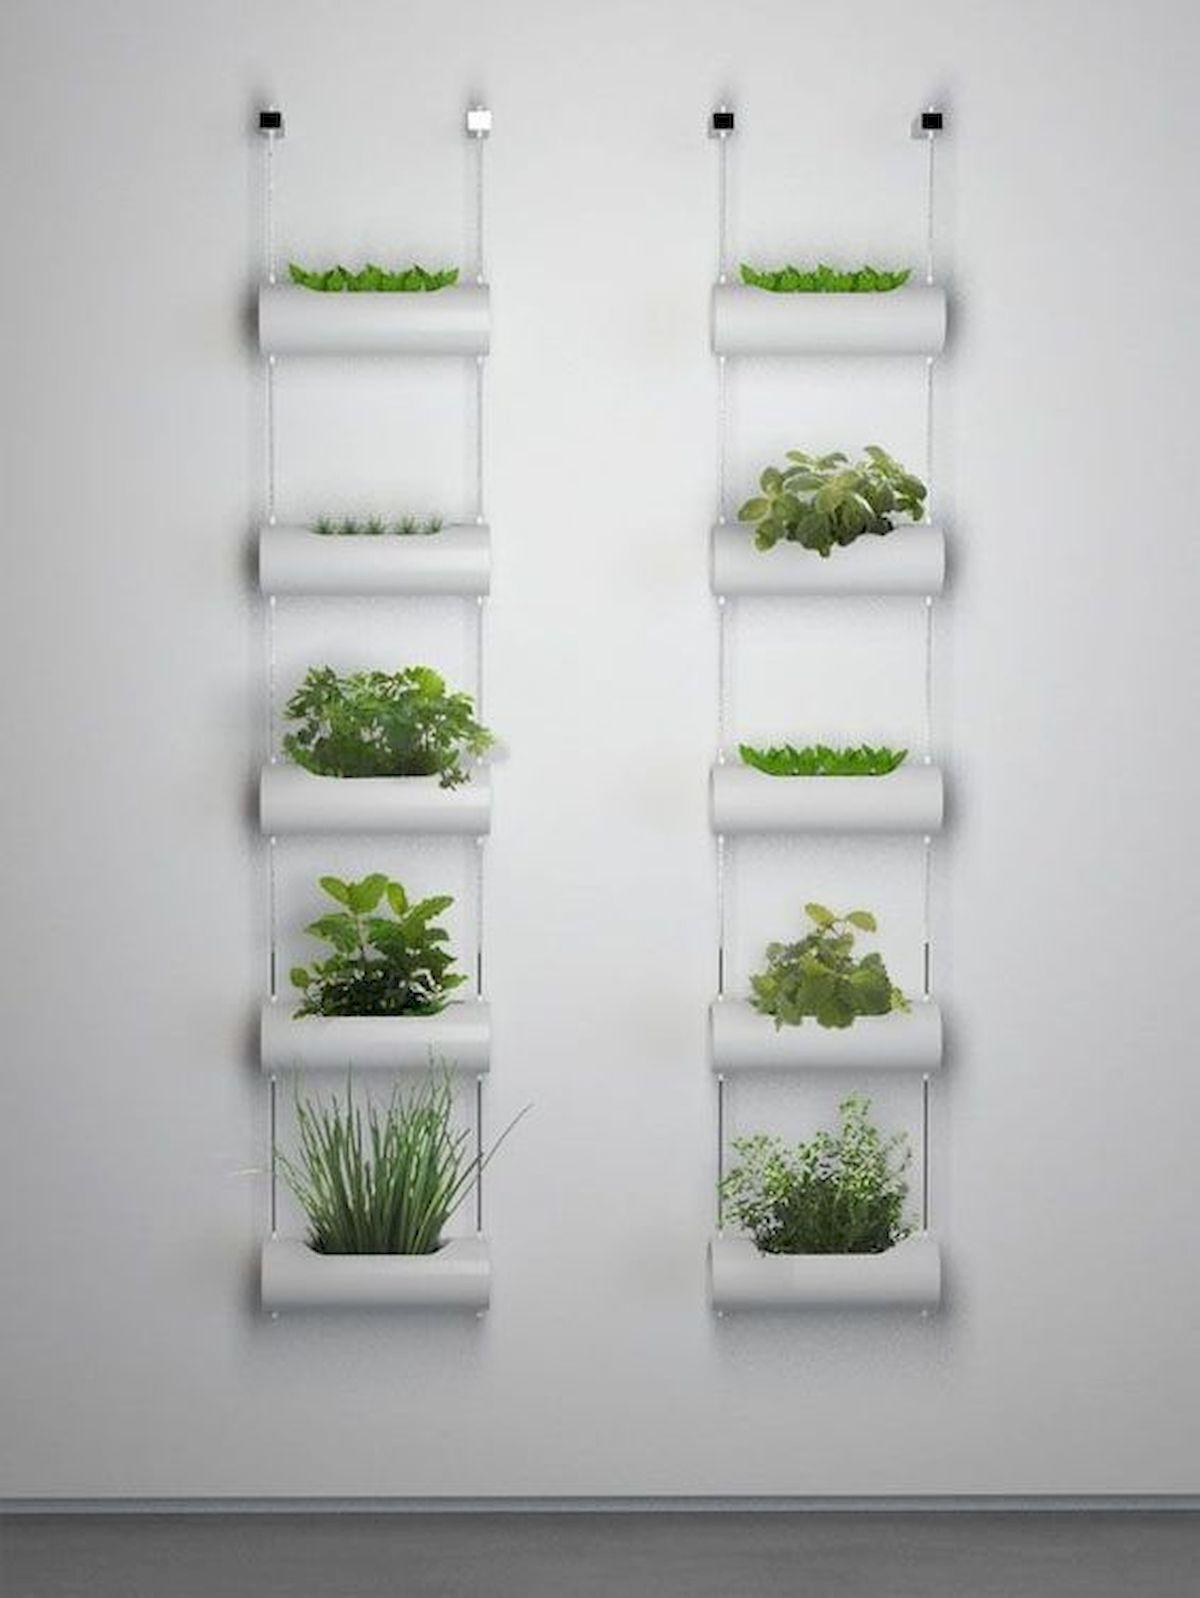 44 Creative DIY Vertical Garden Ideas To Make Your Home Beautiful (11)